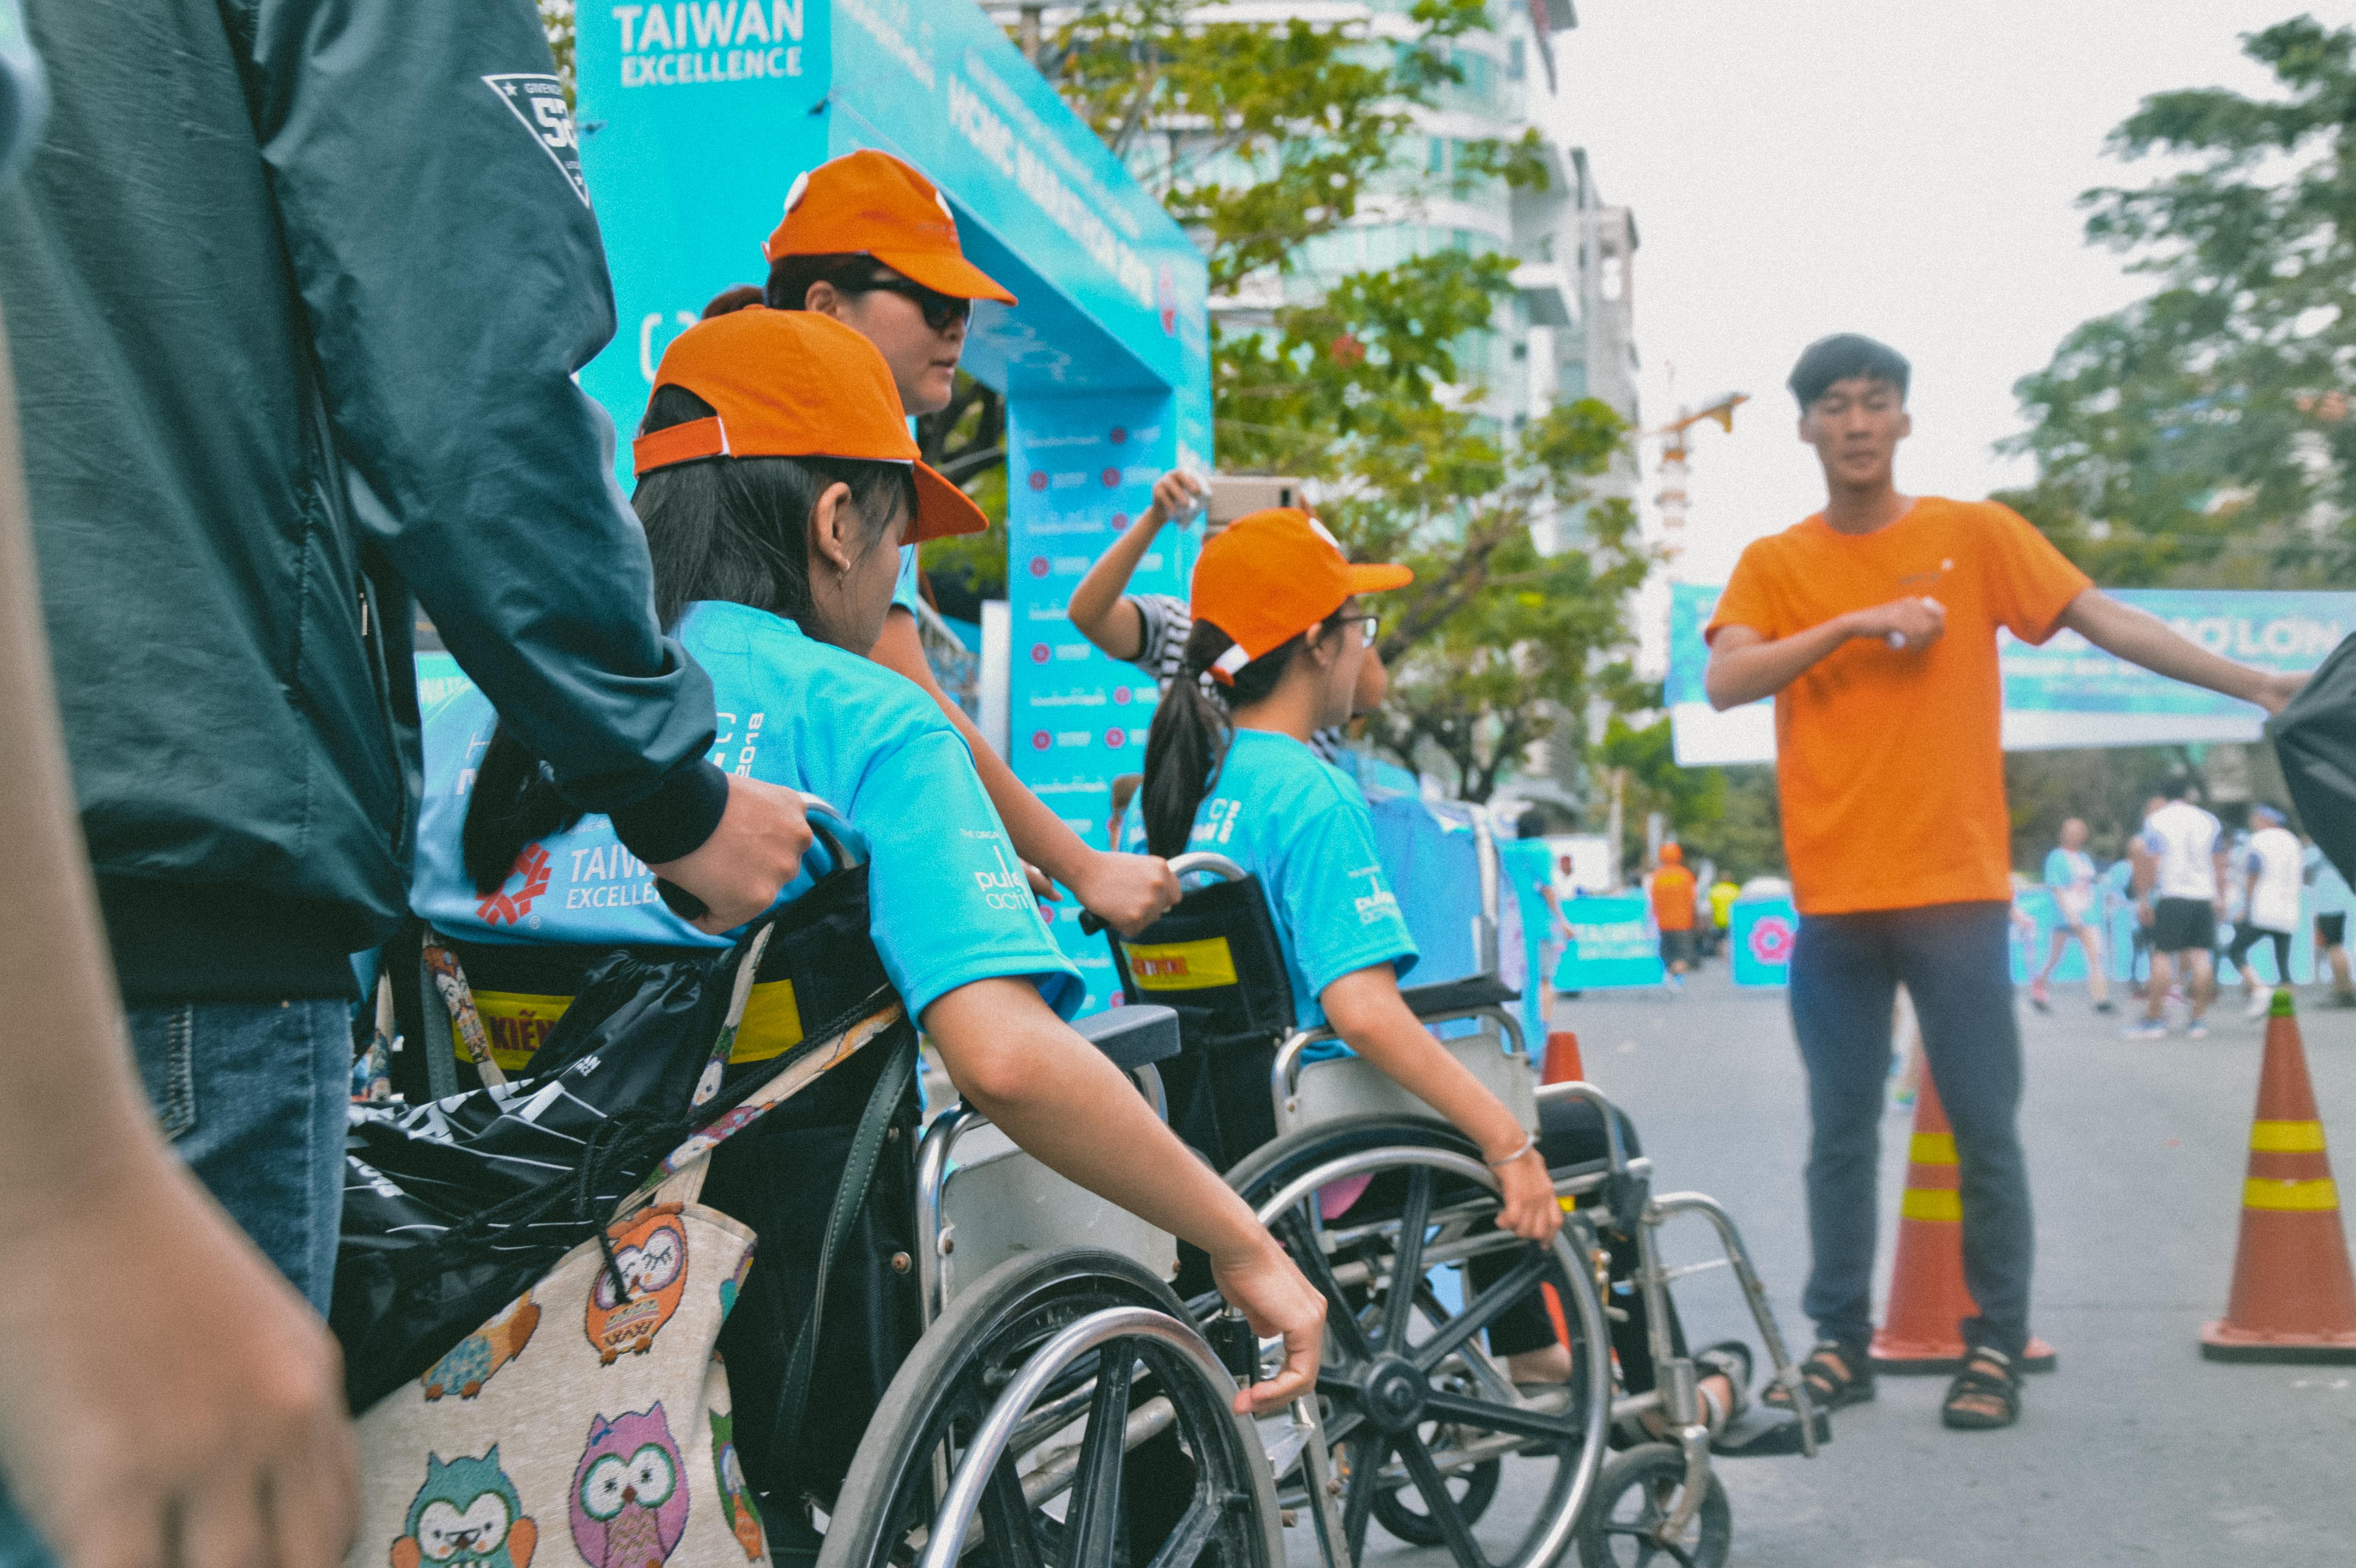 """Bà Tôn Nữ Thị Ninh (Chủ tịch Qũy Hòa bình và Phát triển TP HCM) cho biết: """"Hoạt động đã tạo cơ hội giúp những người khiếm khuyết cơ thể vượt lên mặc cảm, tự tin vào khả năng phi thường của bản thân mình thông qua việc chinh phục đường đua 5 km""""."""